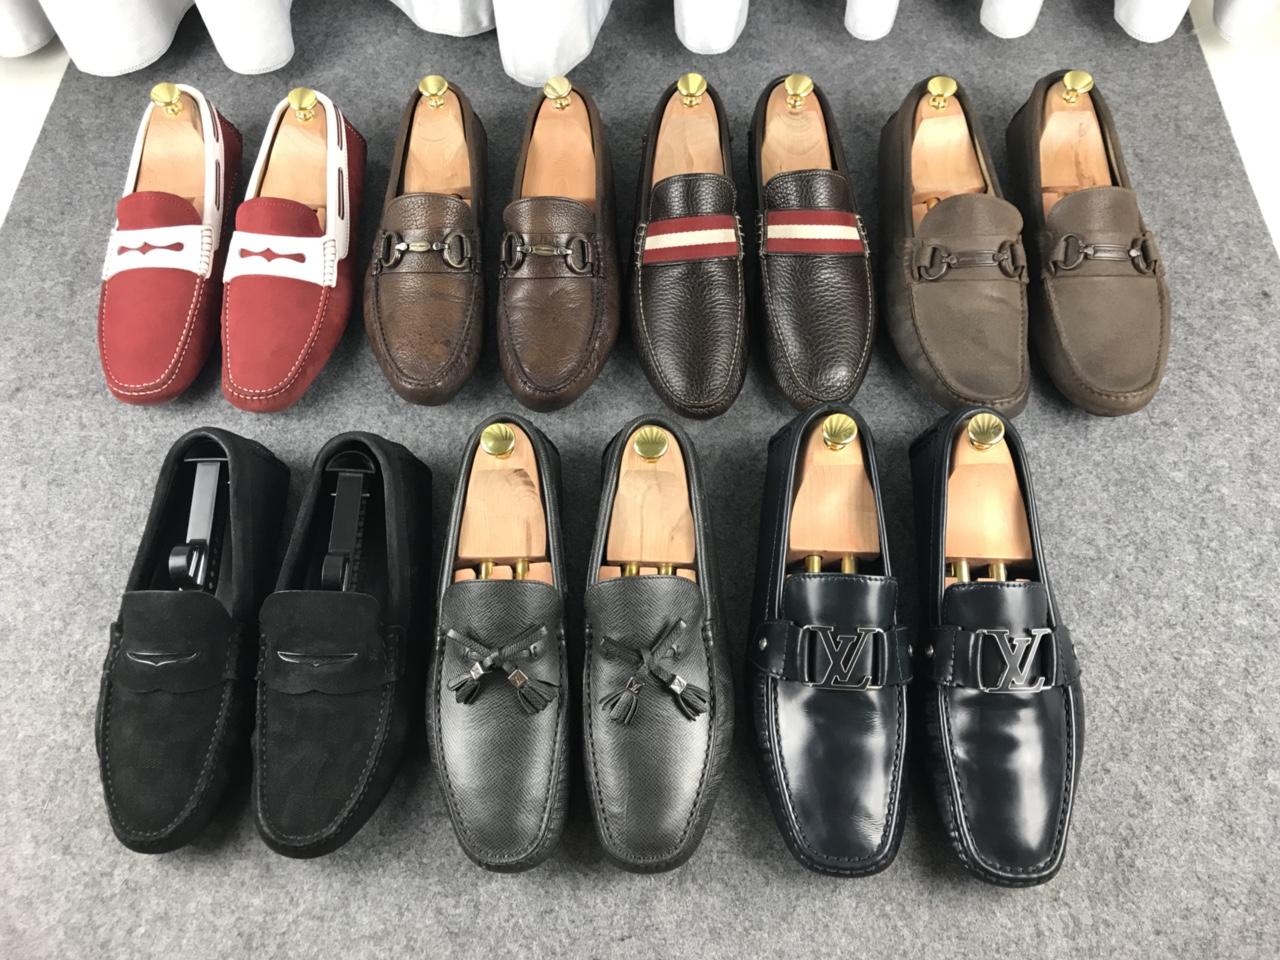 Da Cũ store - Chuyên giày da Authentic 2Hand - Cam kết 100% chính hãng - 2